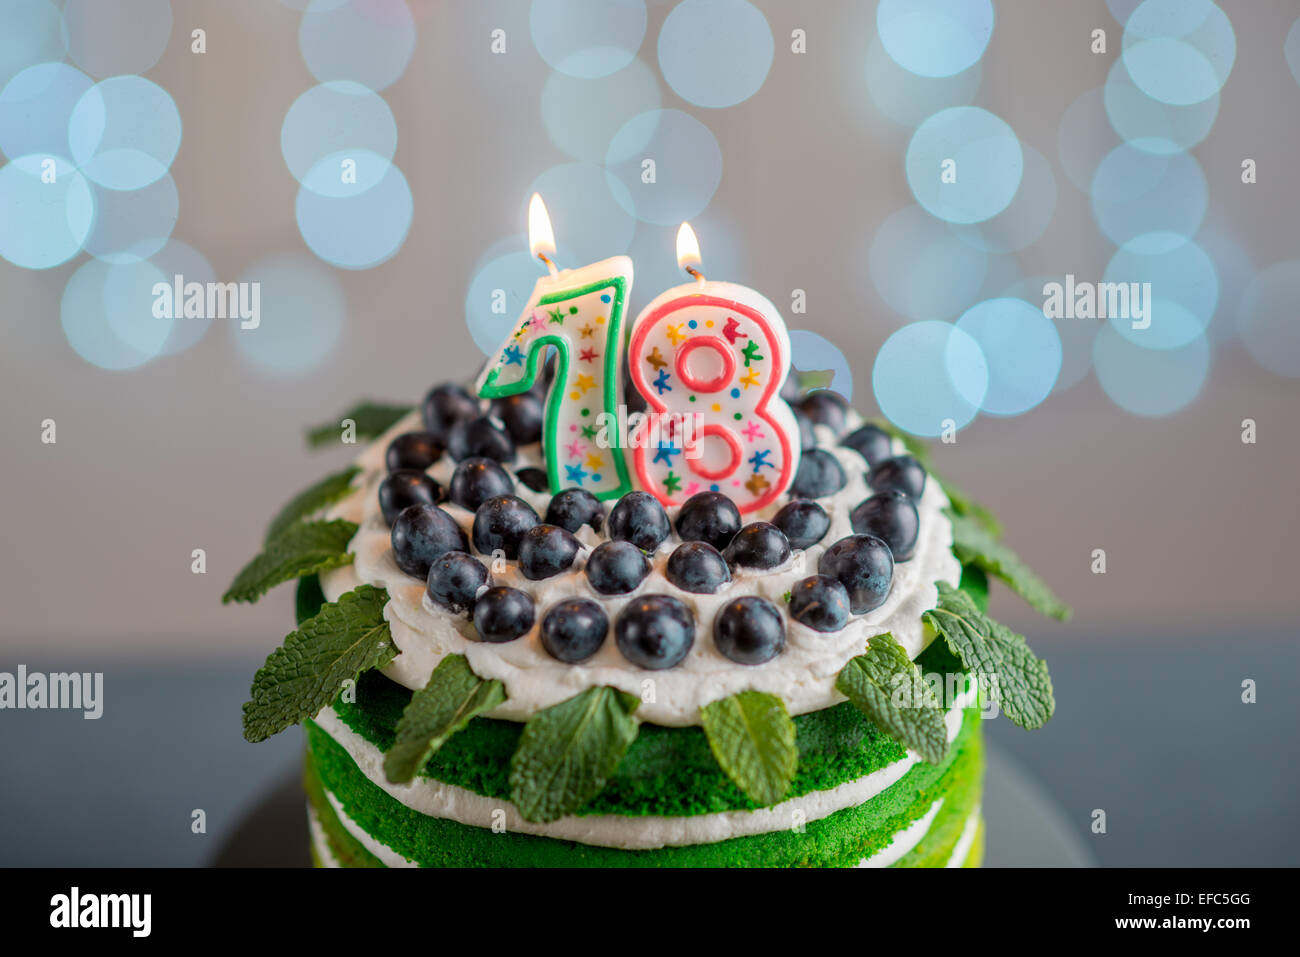 Schön alles Gute zum Geburtstagskuchen mit Mascarpone und Trauben auf die Tortenplatte mit Kerzen auf festlichen Stockbild